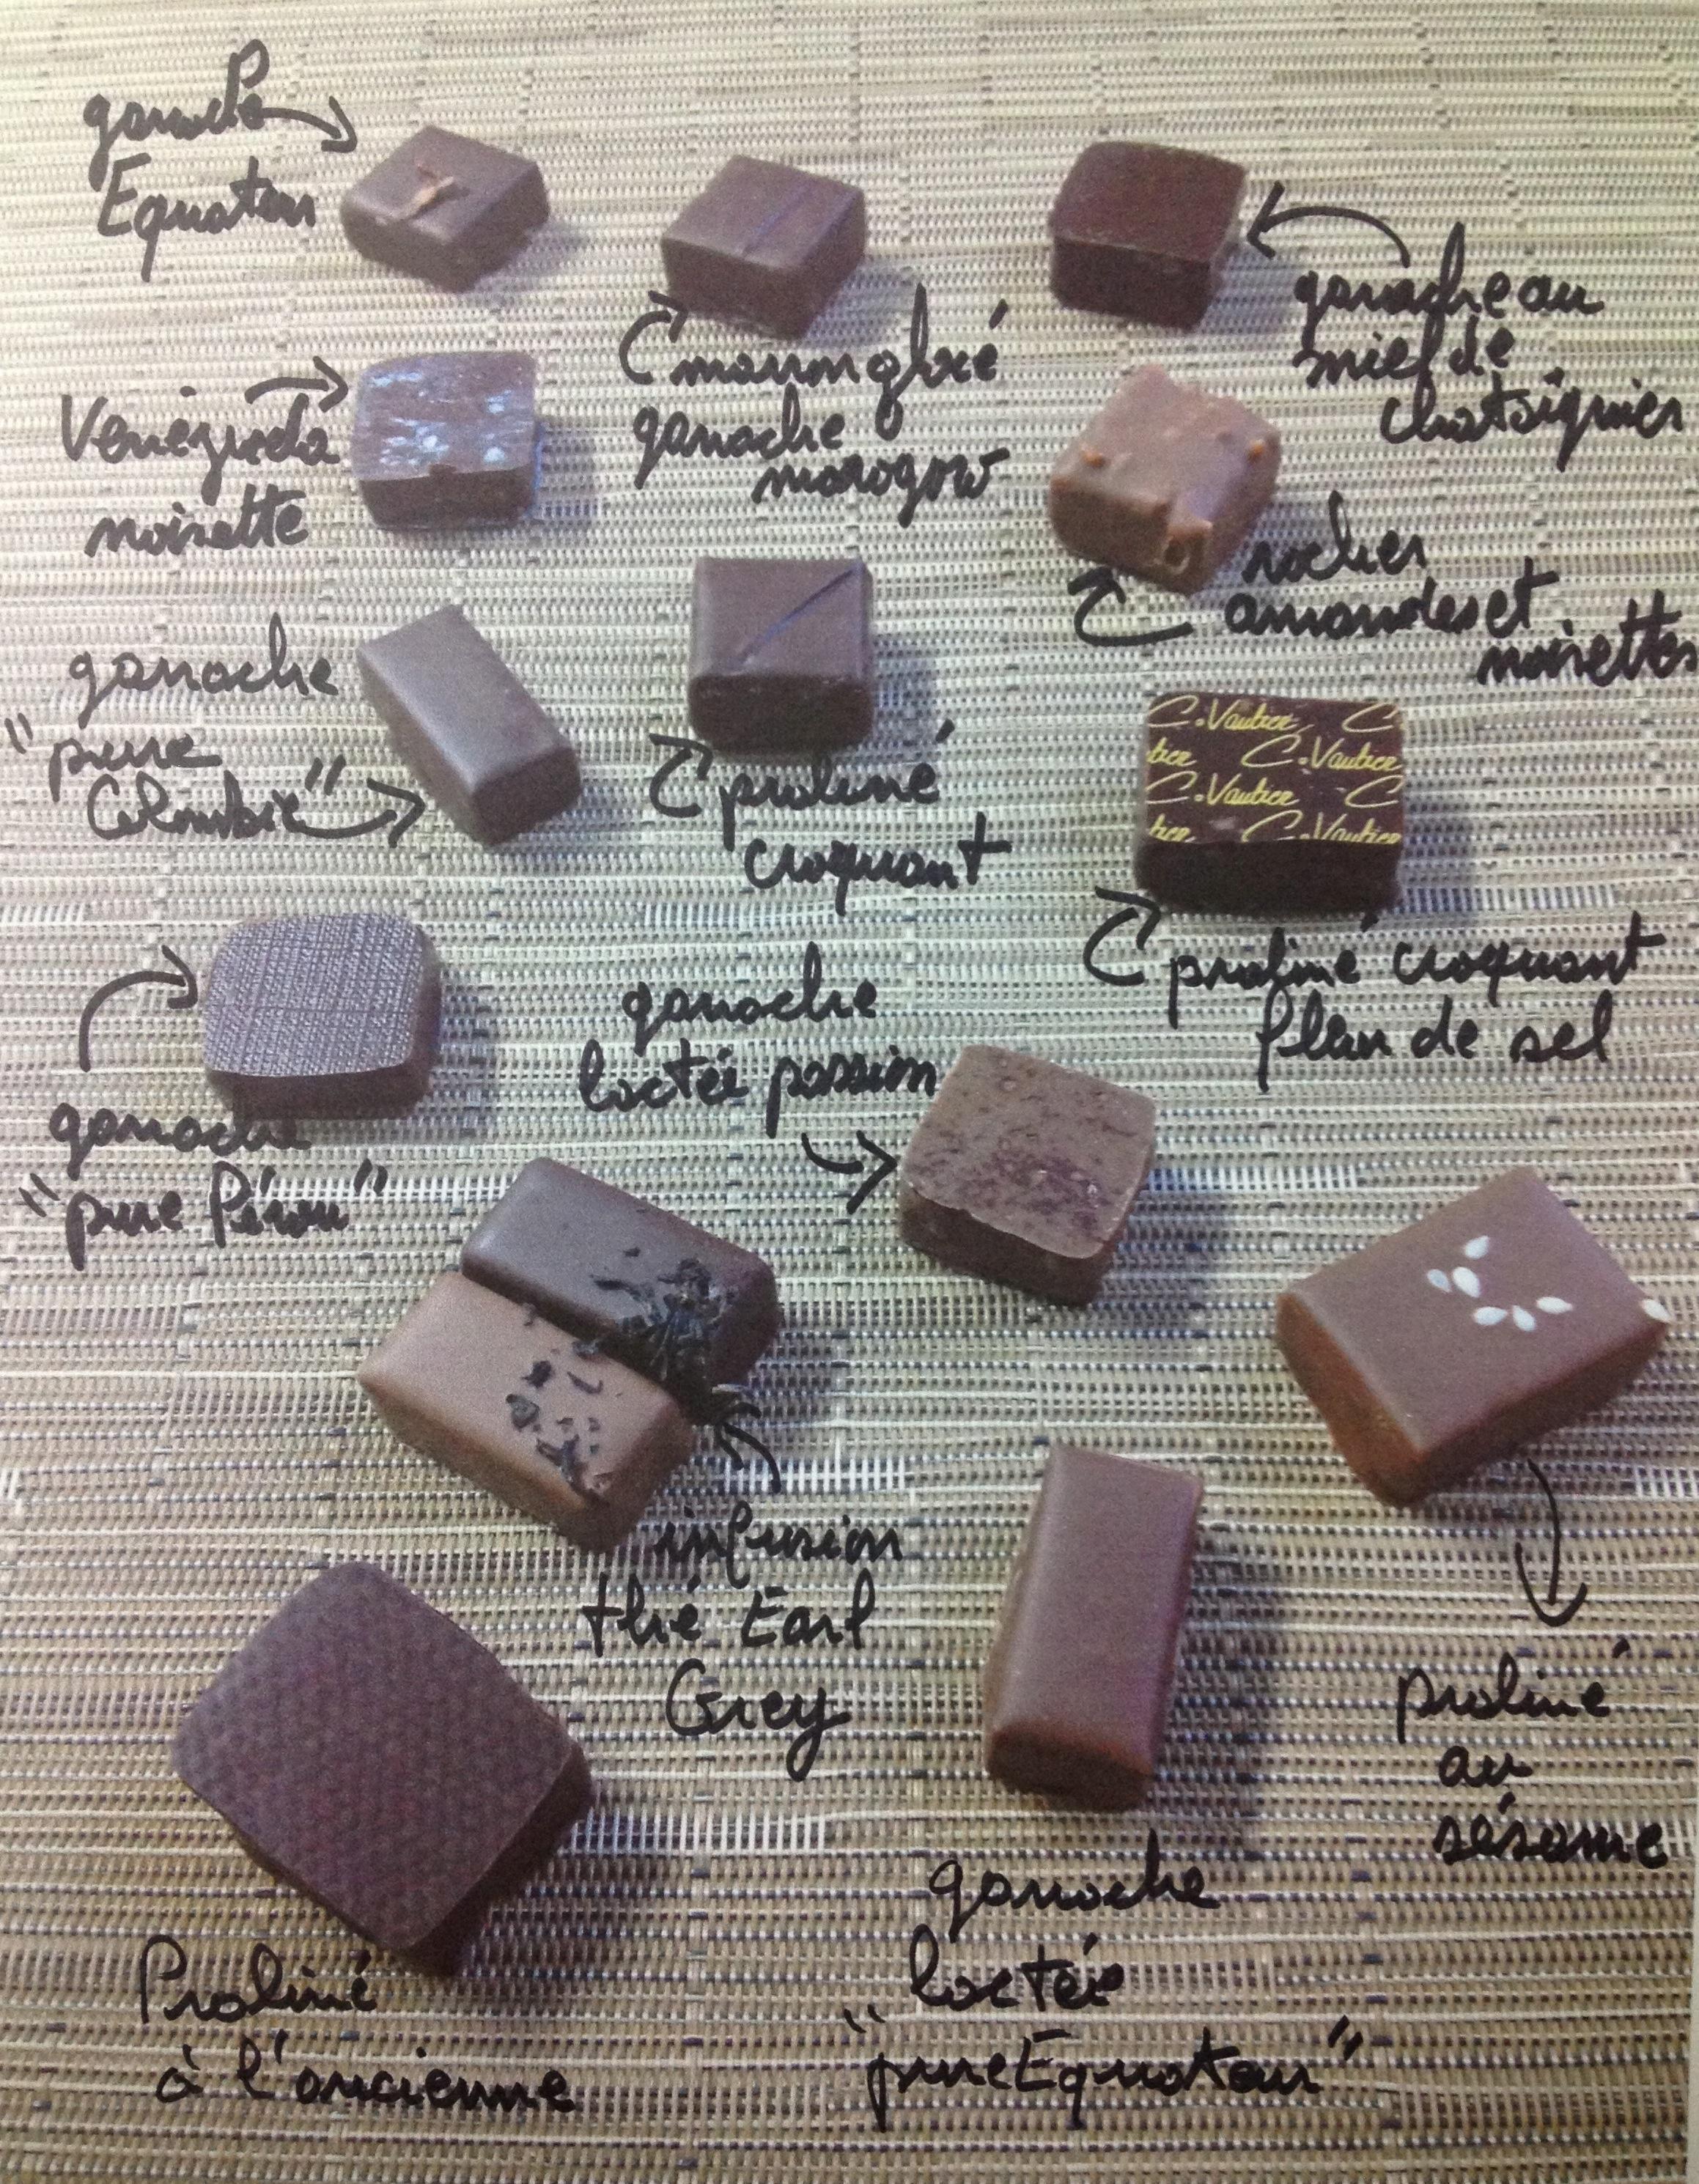 Composition des écrins de chocolat taille 3 et 4